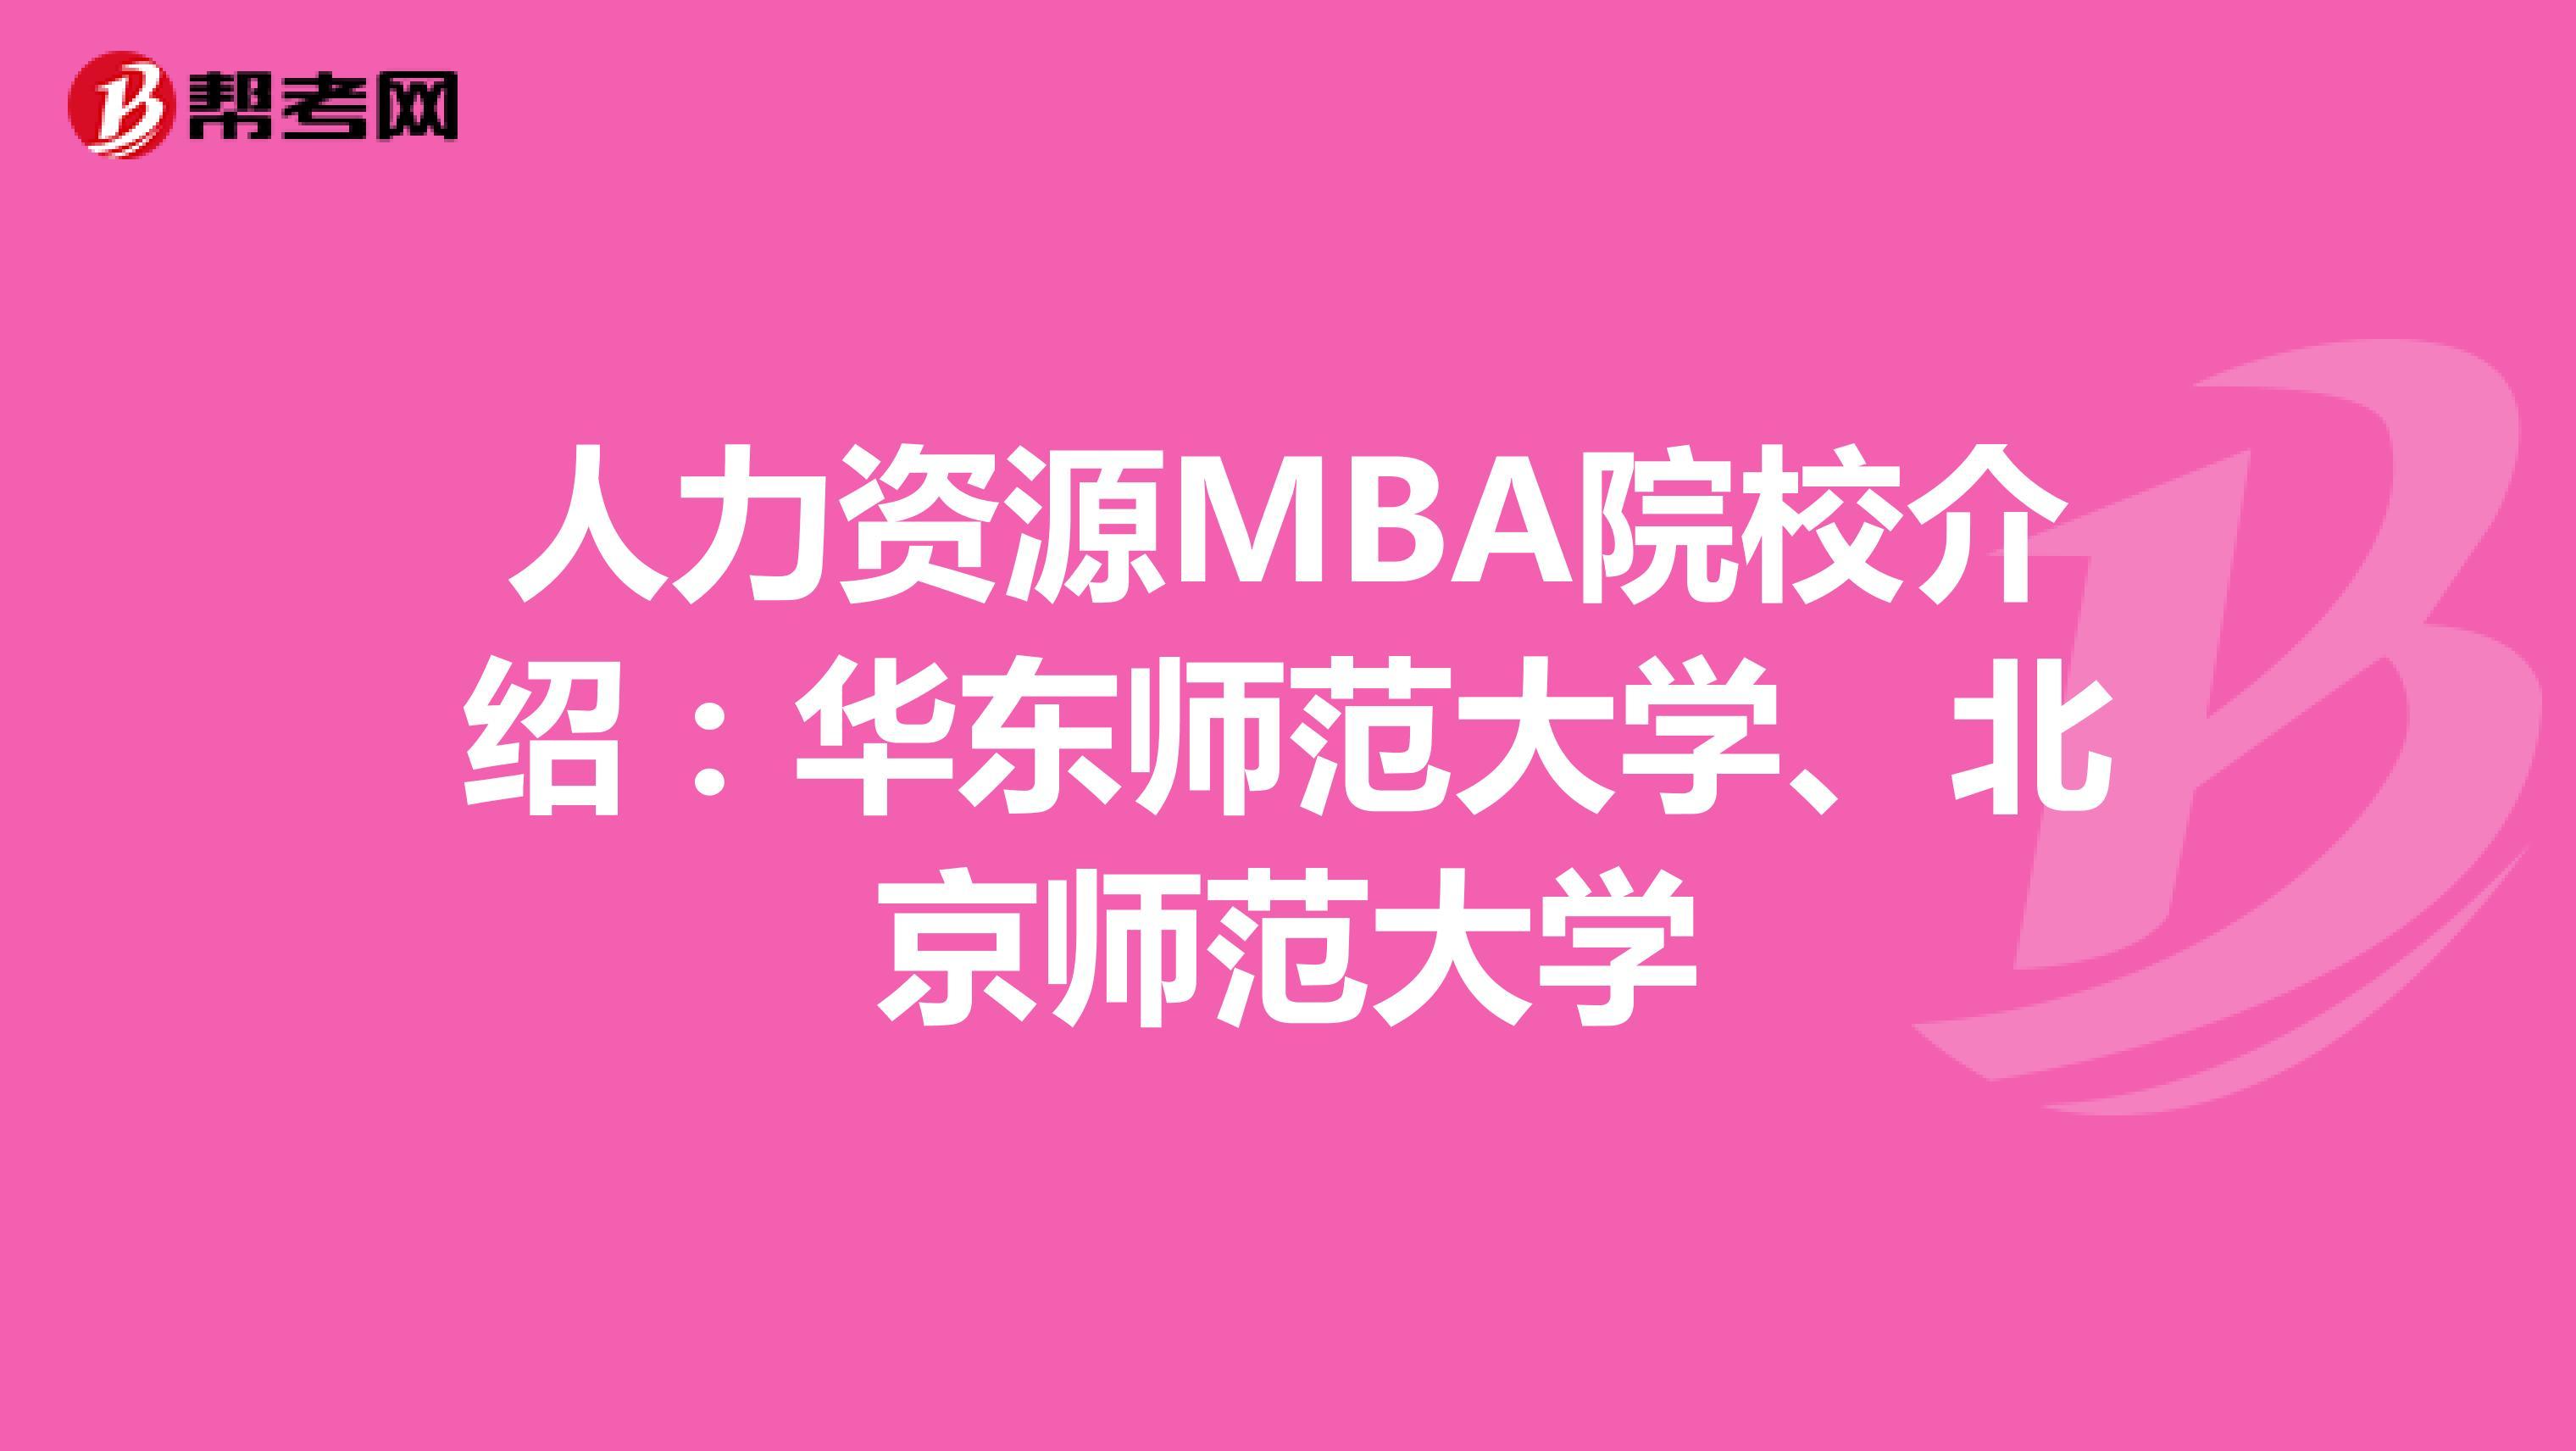 人力资源MBA院校介绍:华东师范大学、北京师范大学